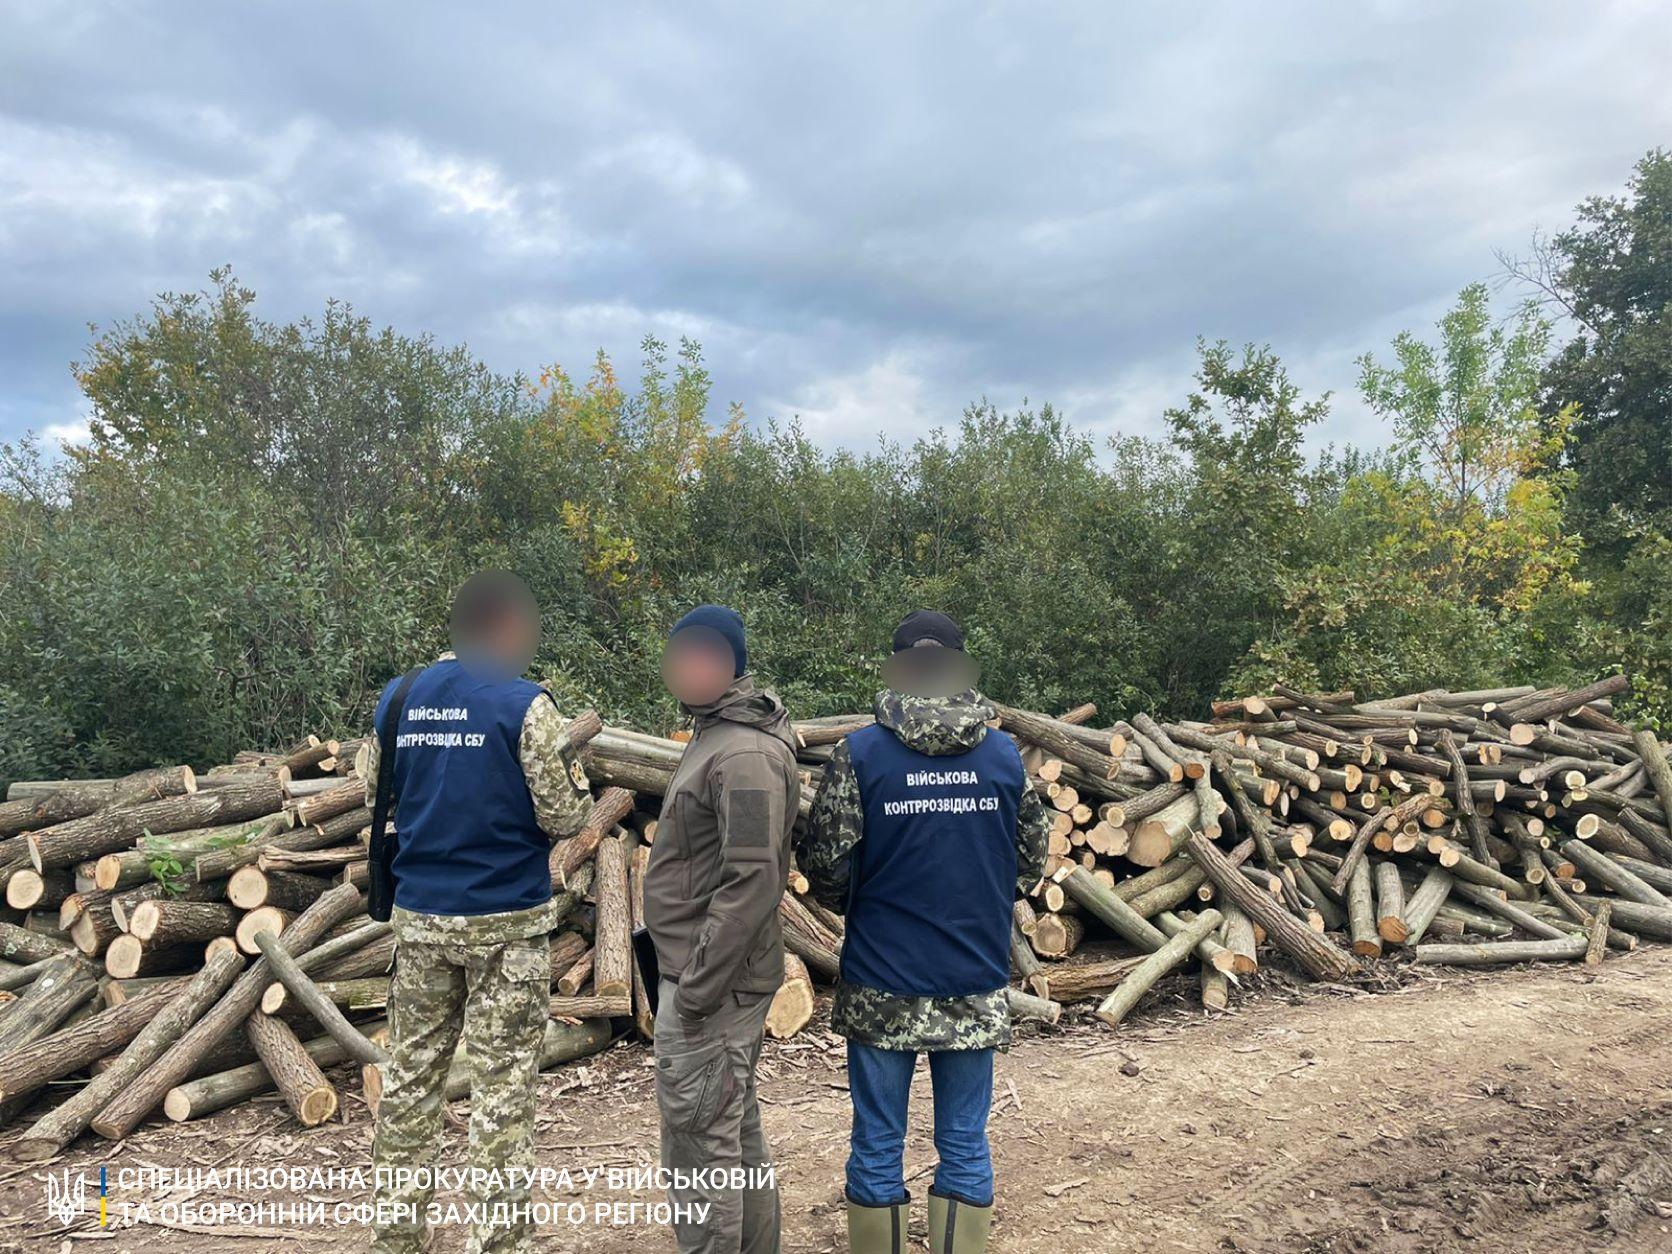 """На Закарпатті затримали 8 """"чорних лісорубів"""", що вирубали більше 200 дерев цінних порід"""